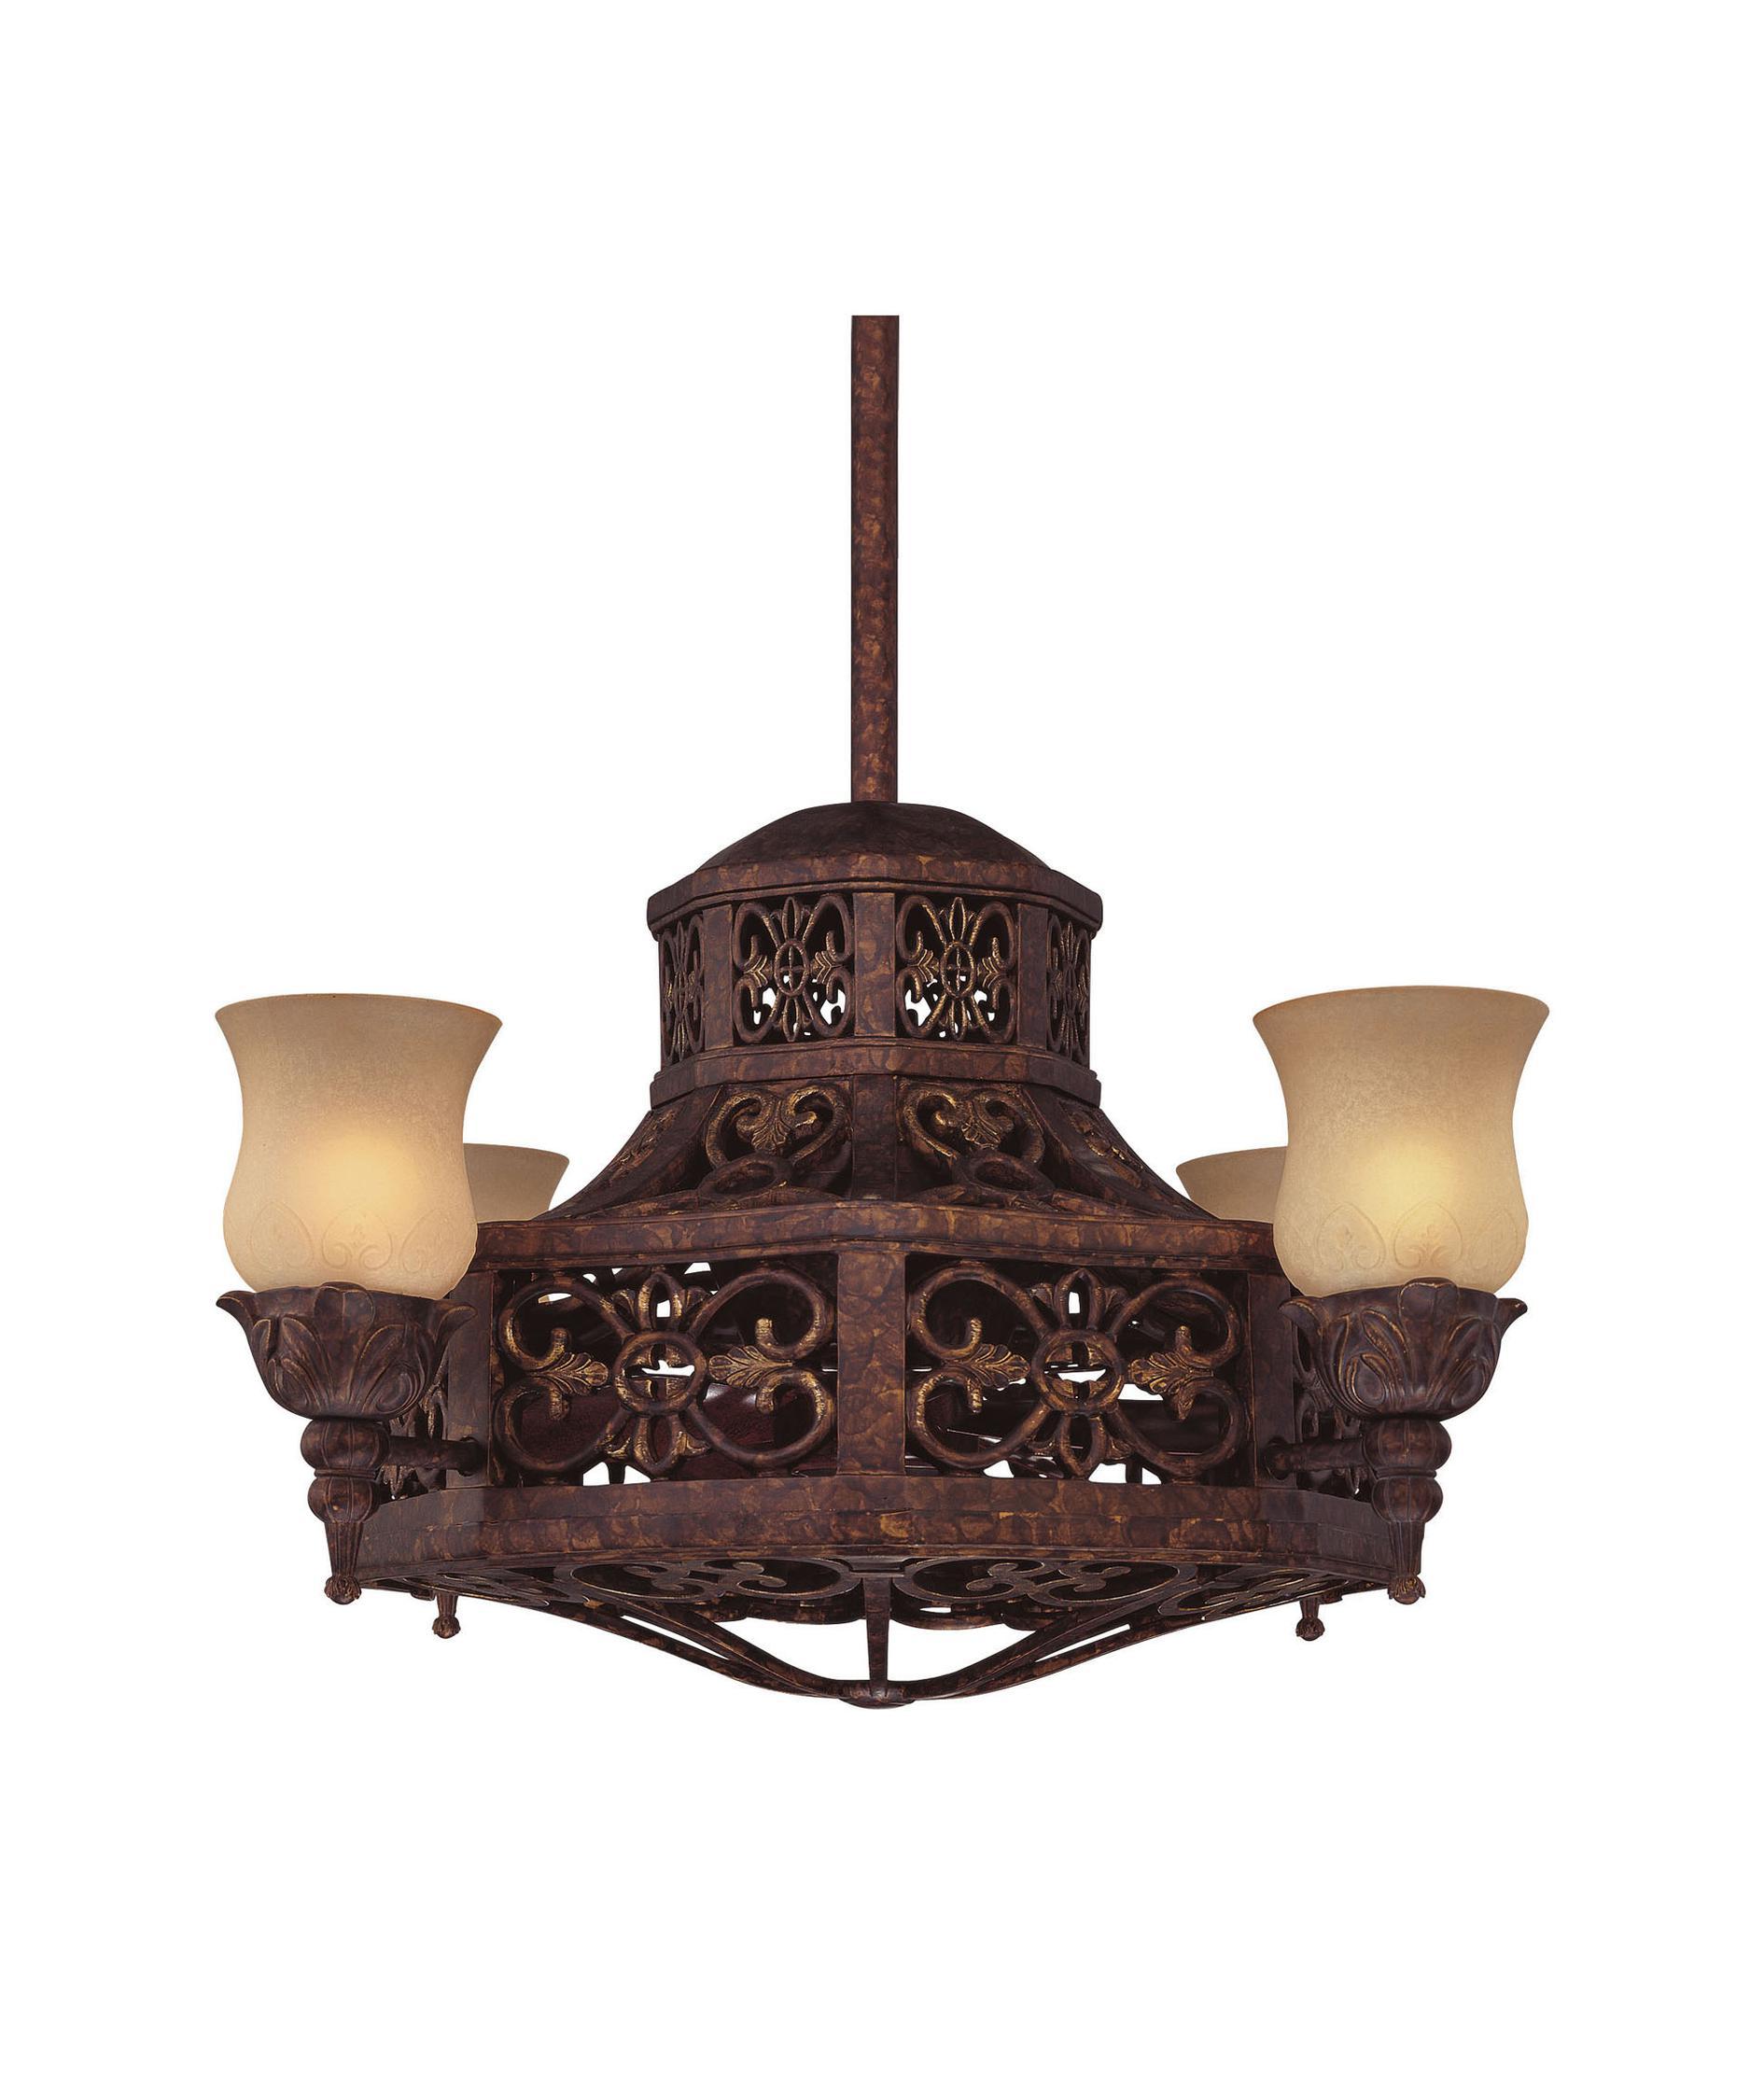 Savoy House Fire Island 14 Inch Chandelier Ceiling Fan – Fan with Chandelier